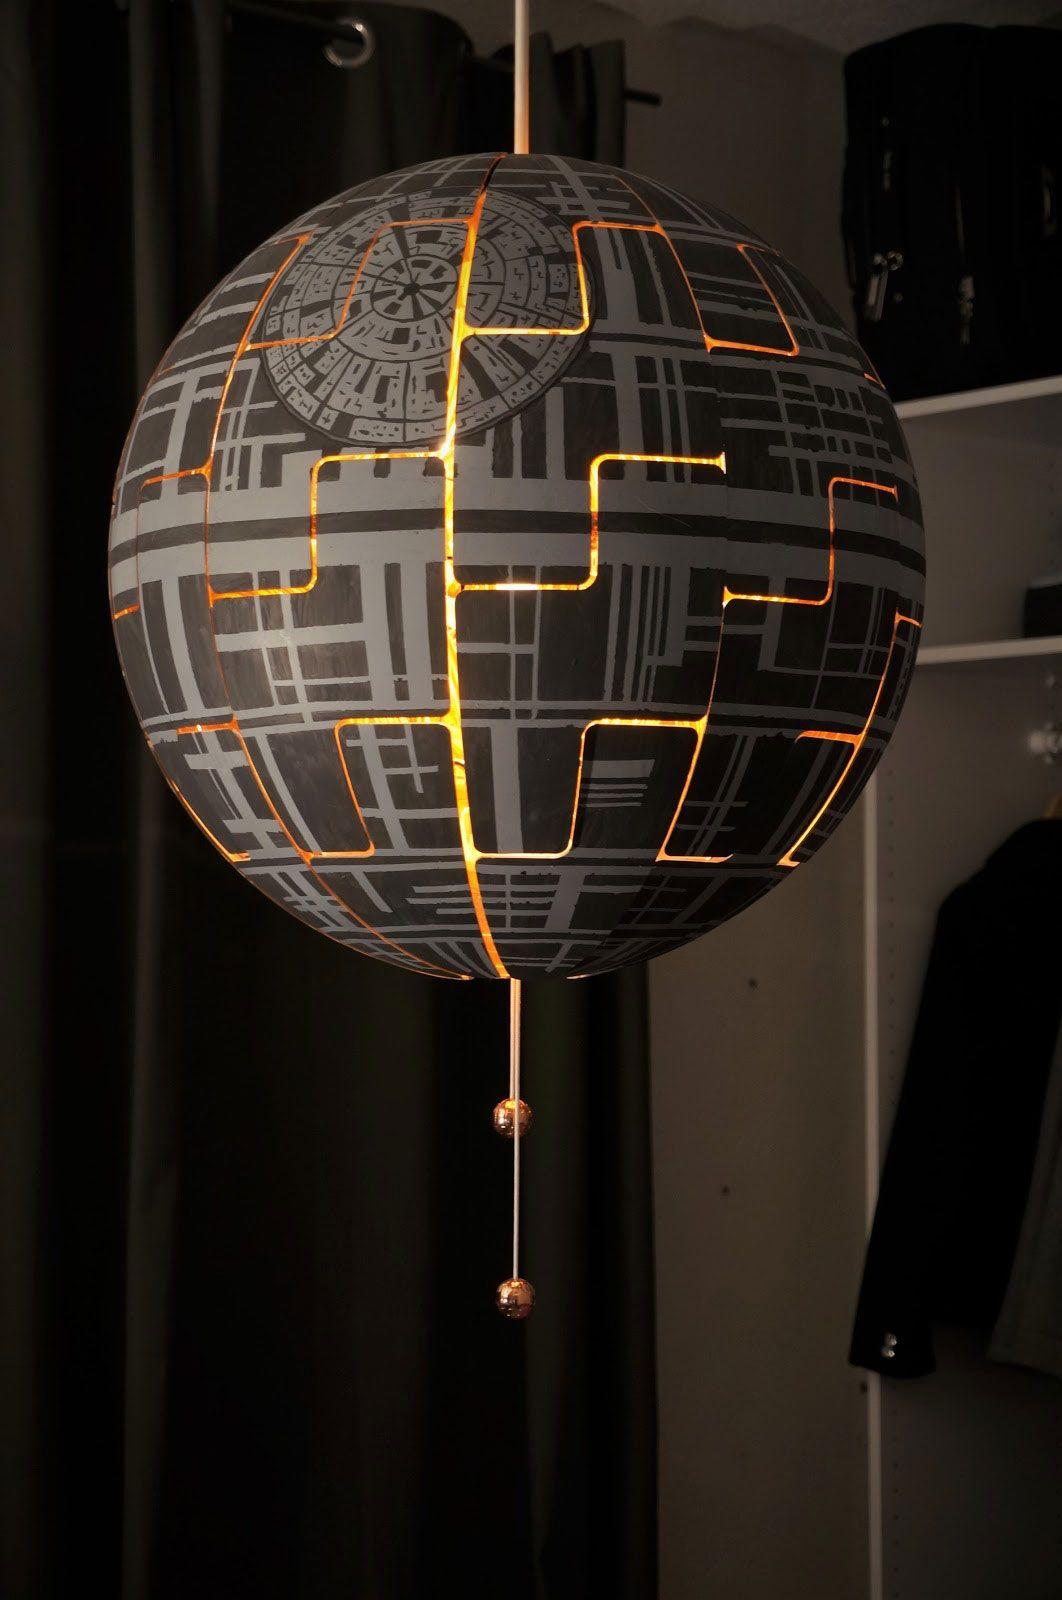 Star Wars Lampe Ikea Etoile Mort Lampe Ikea Lampe Star Wars Lampe Diy